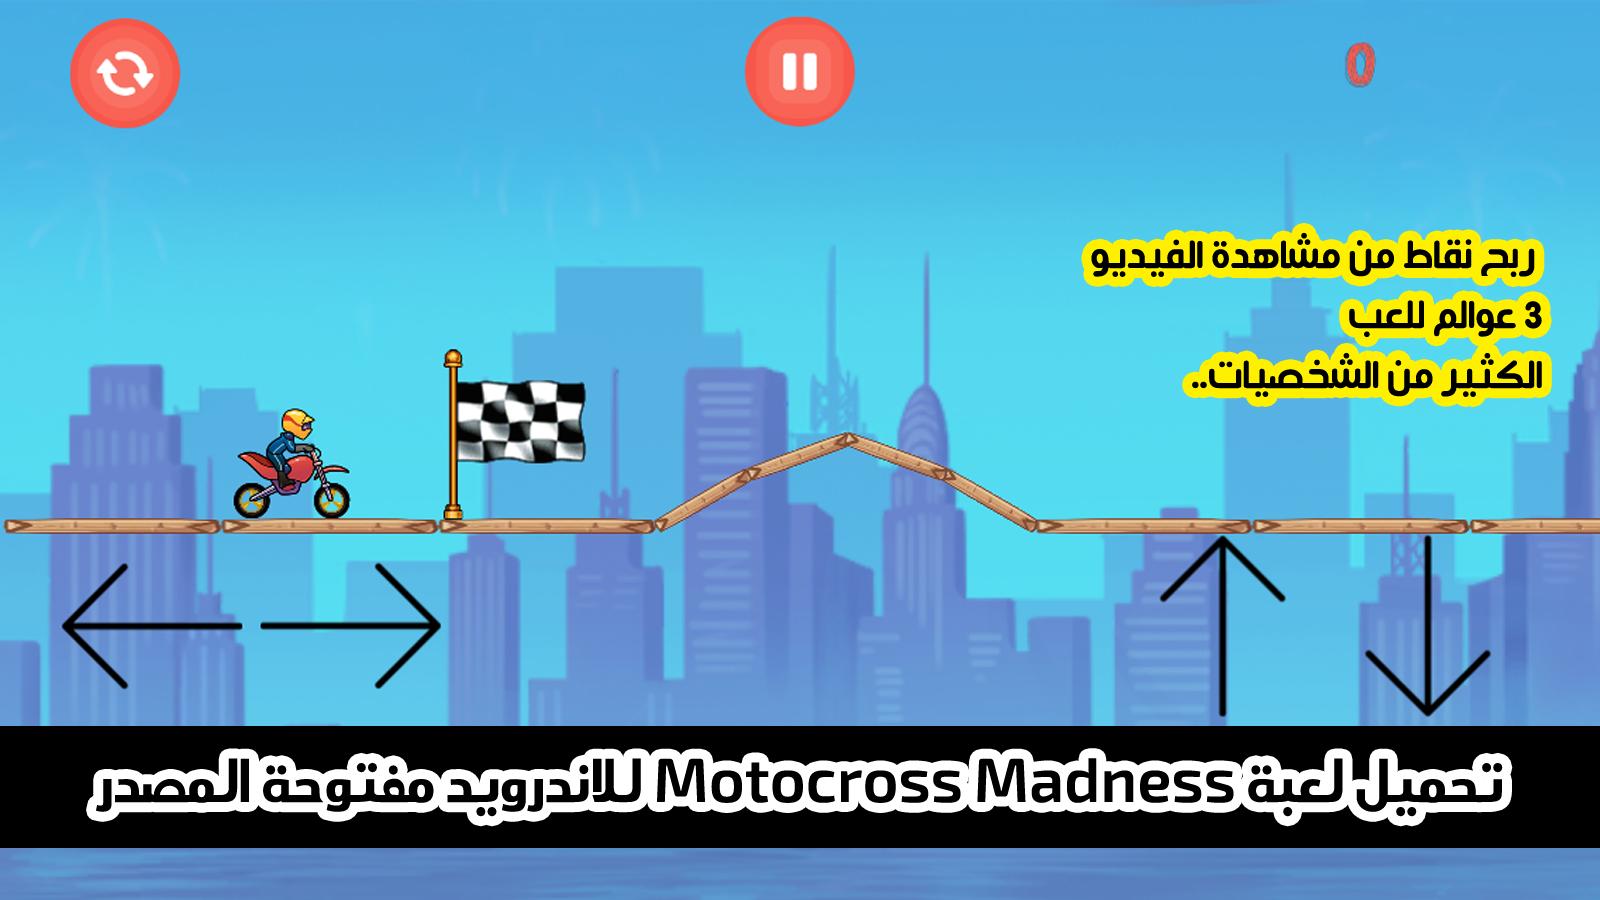 تحميل لعبة Motocross Madness للاندرويد مفتوحة المصدر